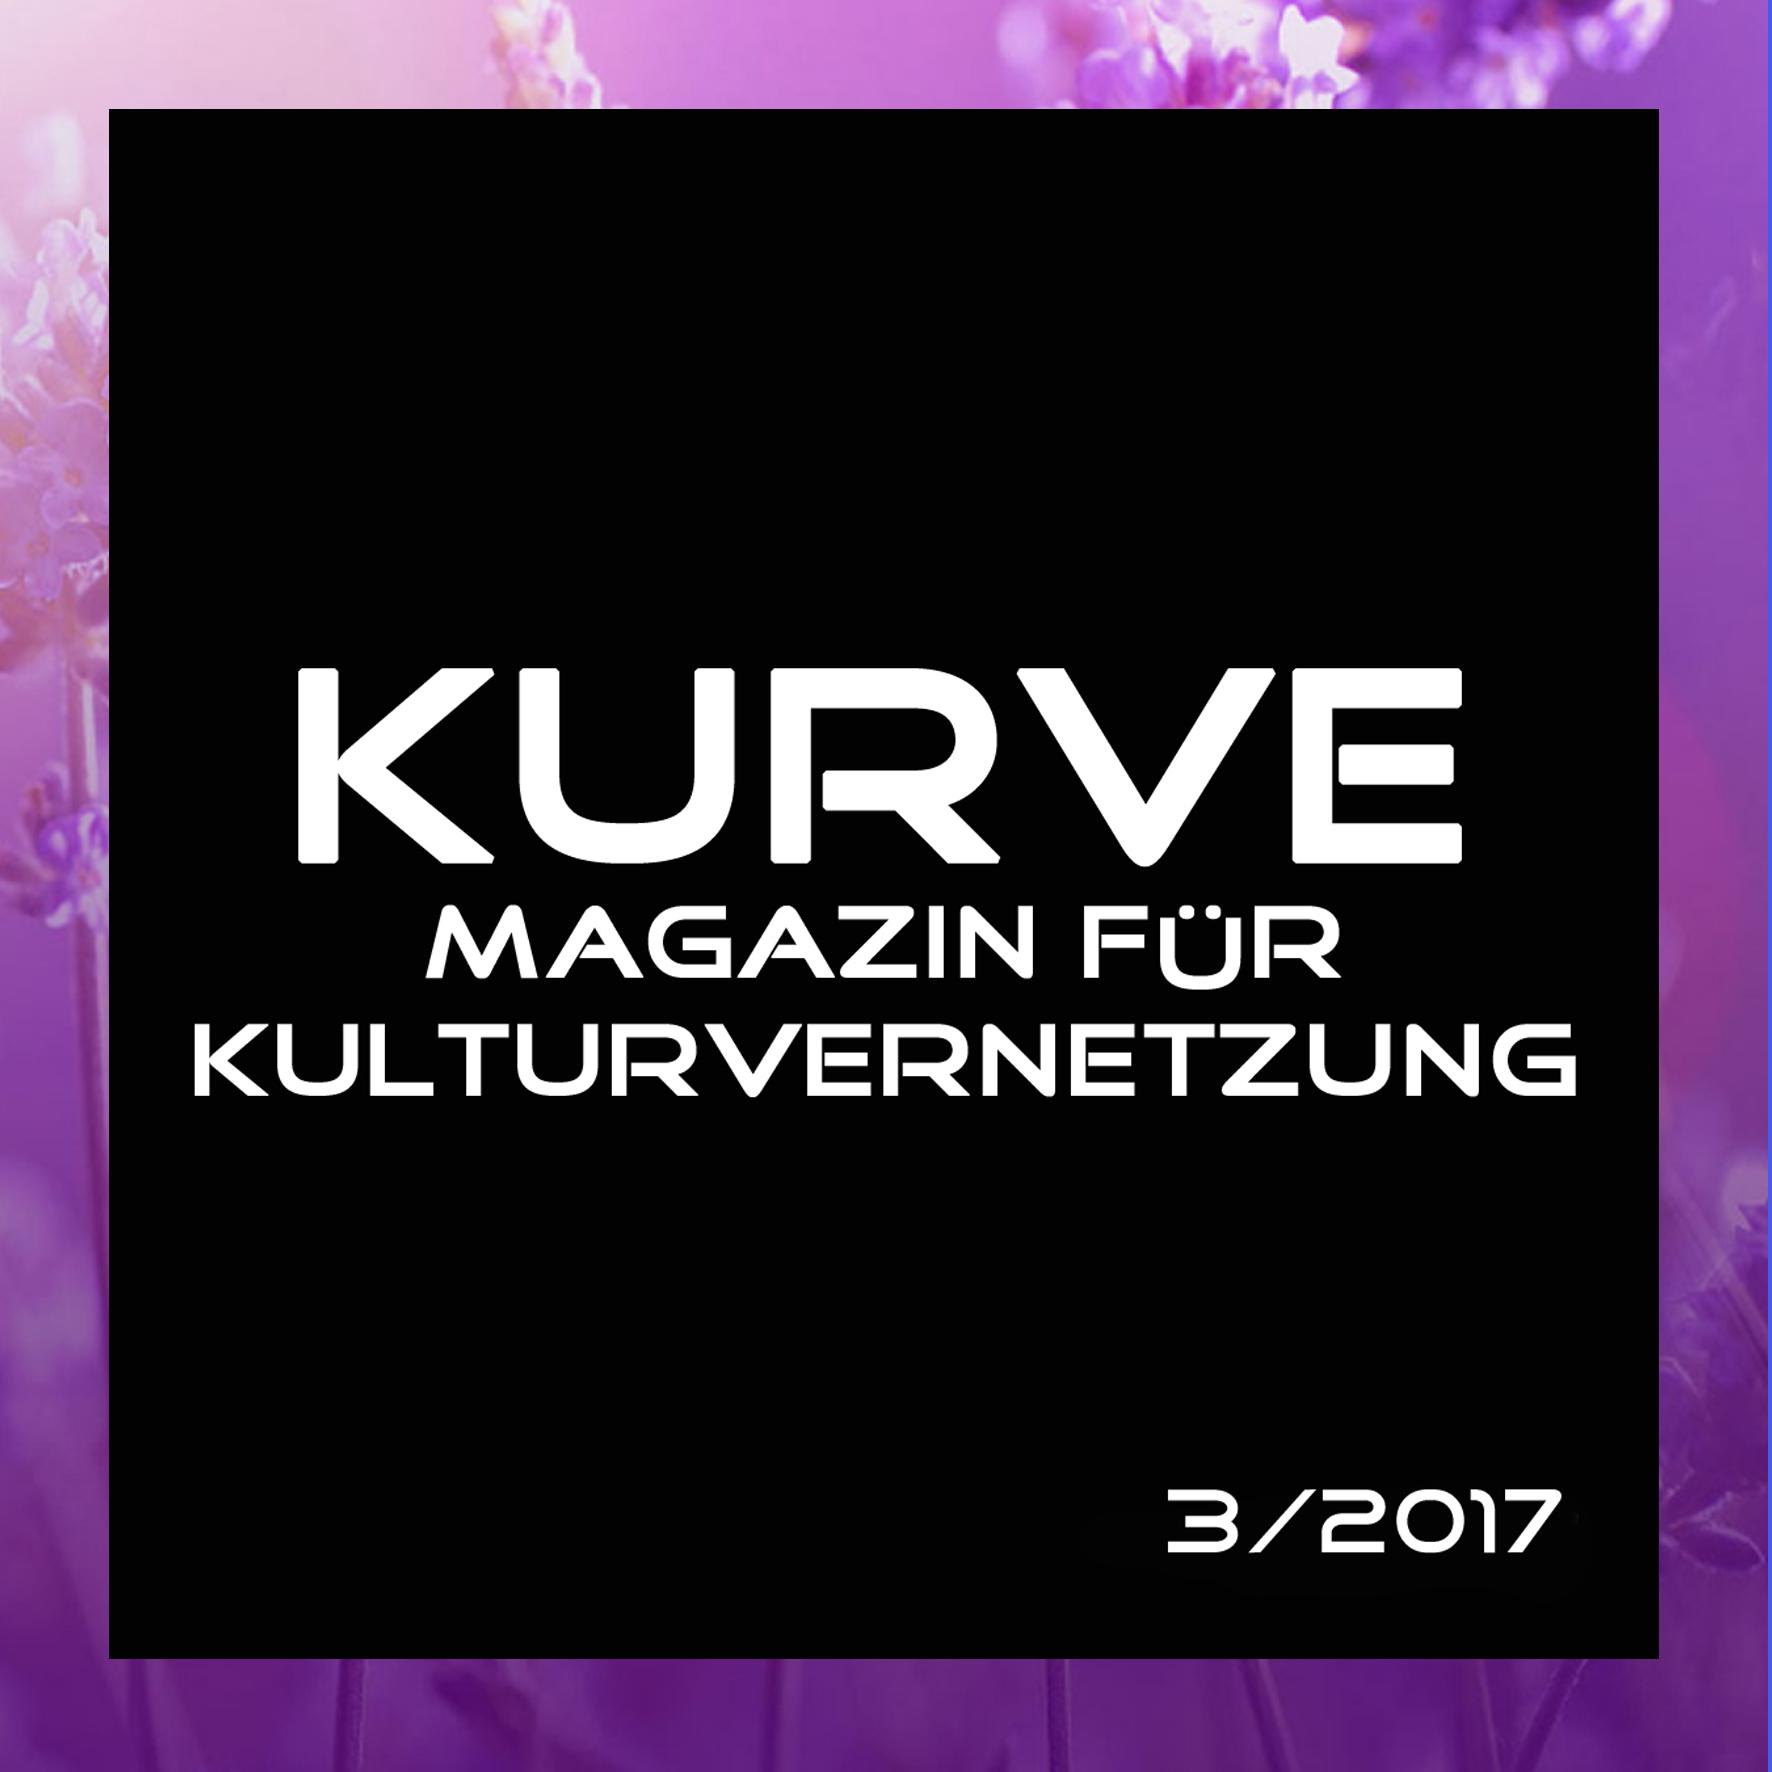 KURVE 3/2017 - kulturvernetzungs Webseite!